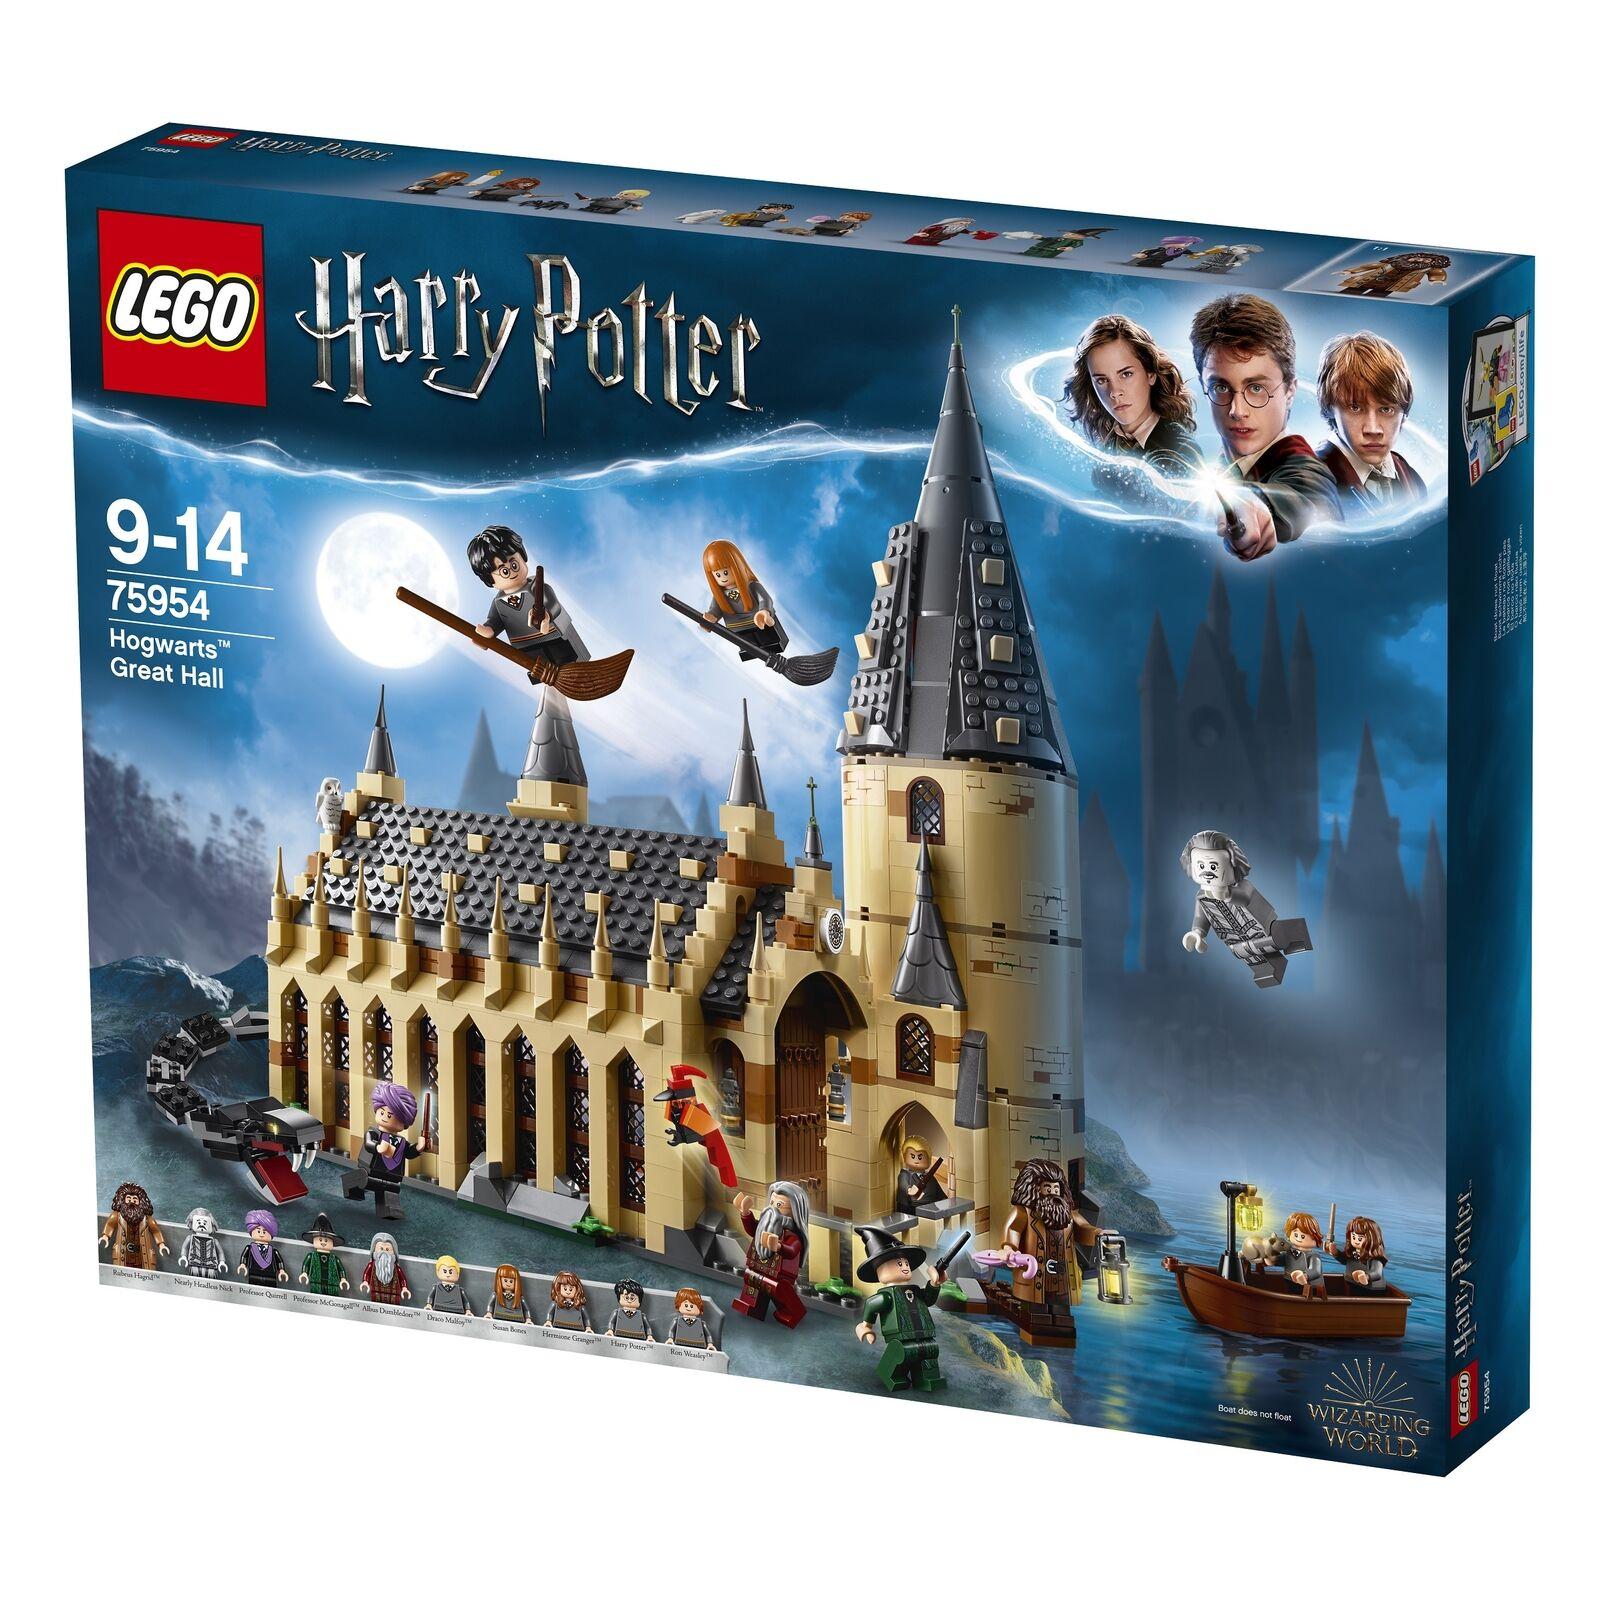 LEGO Harry Potter el gran salón de Hogwarts (75954) TV publicidad nuevo   original caja